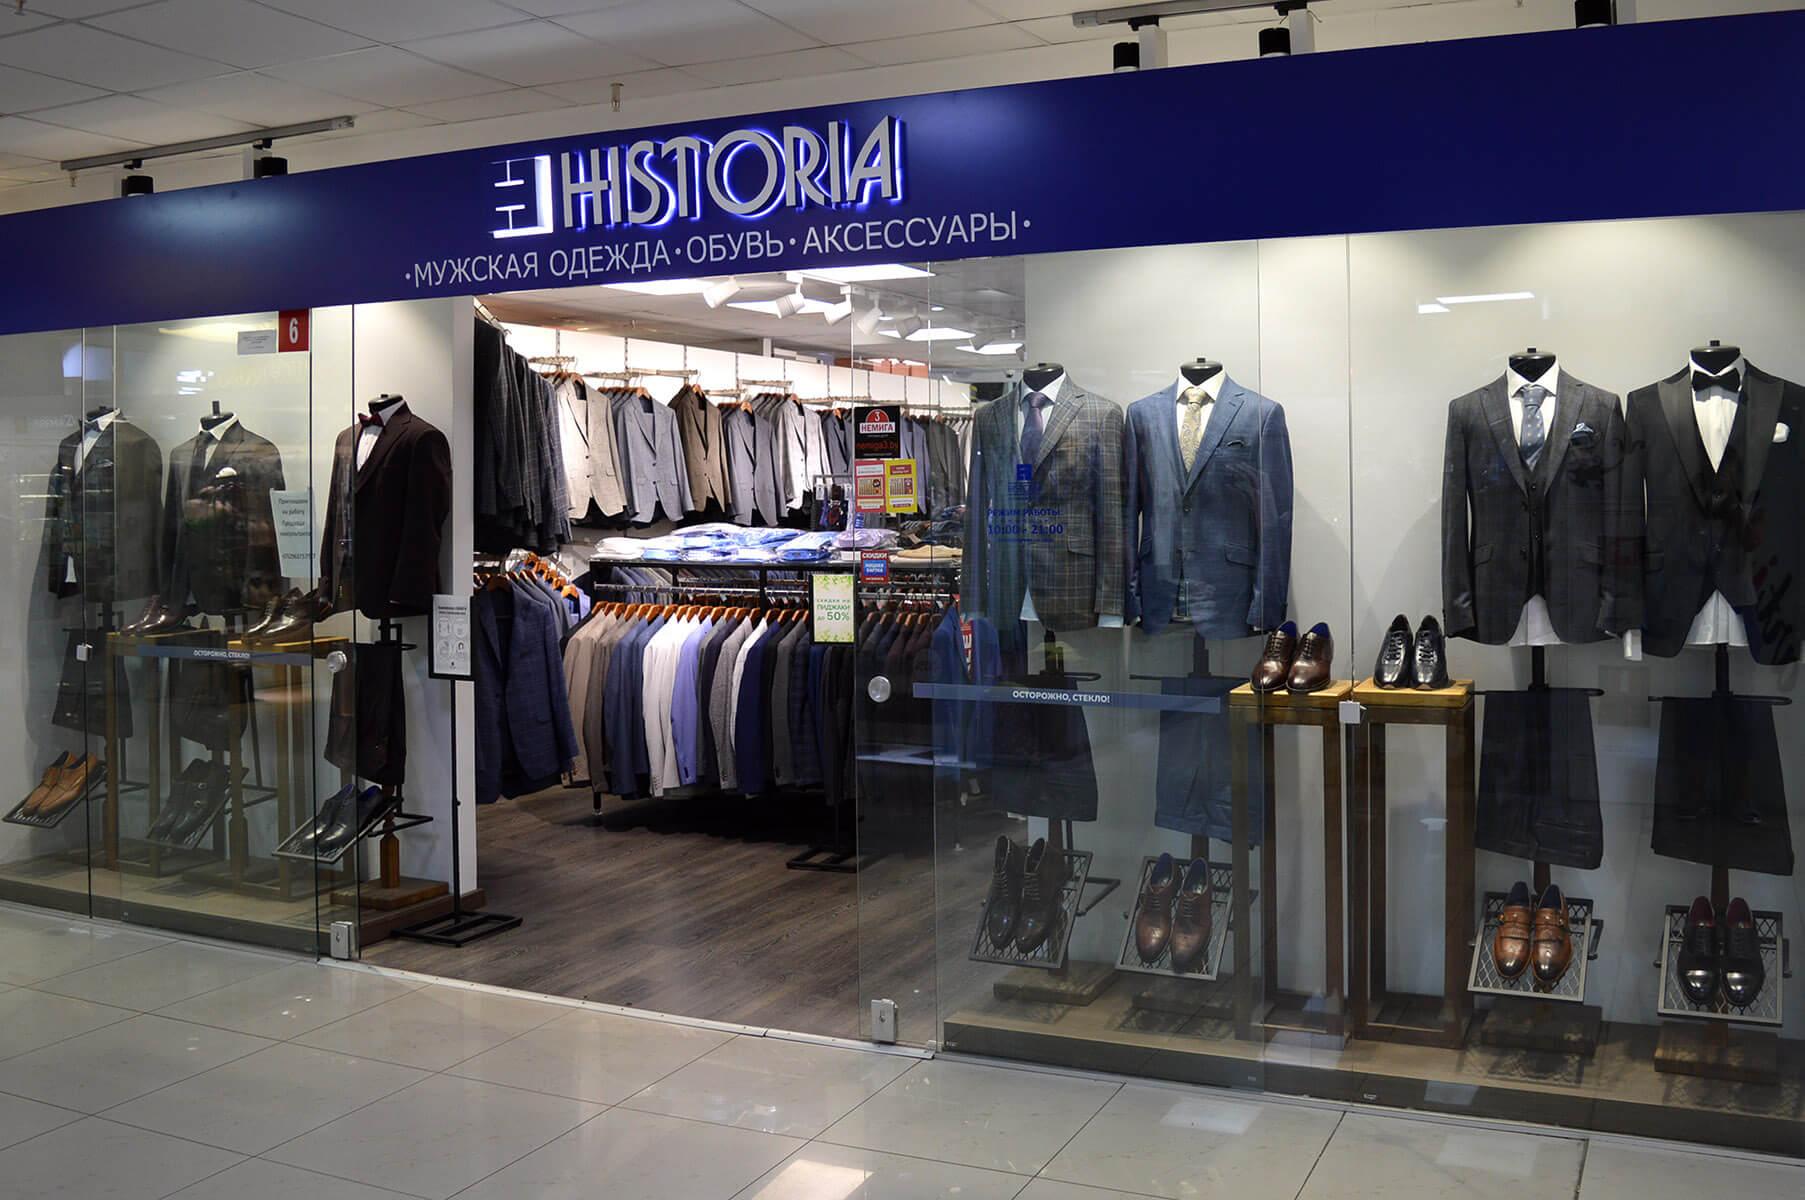 «HISTORIA» - магазин мужской одежды, обуви  и аксессуаров на 1-м этаже в павильоне №6 Торгового Центре «Немига 3»